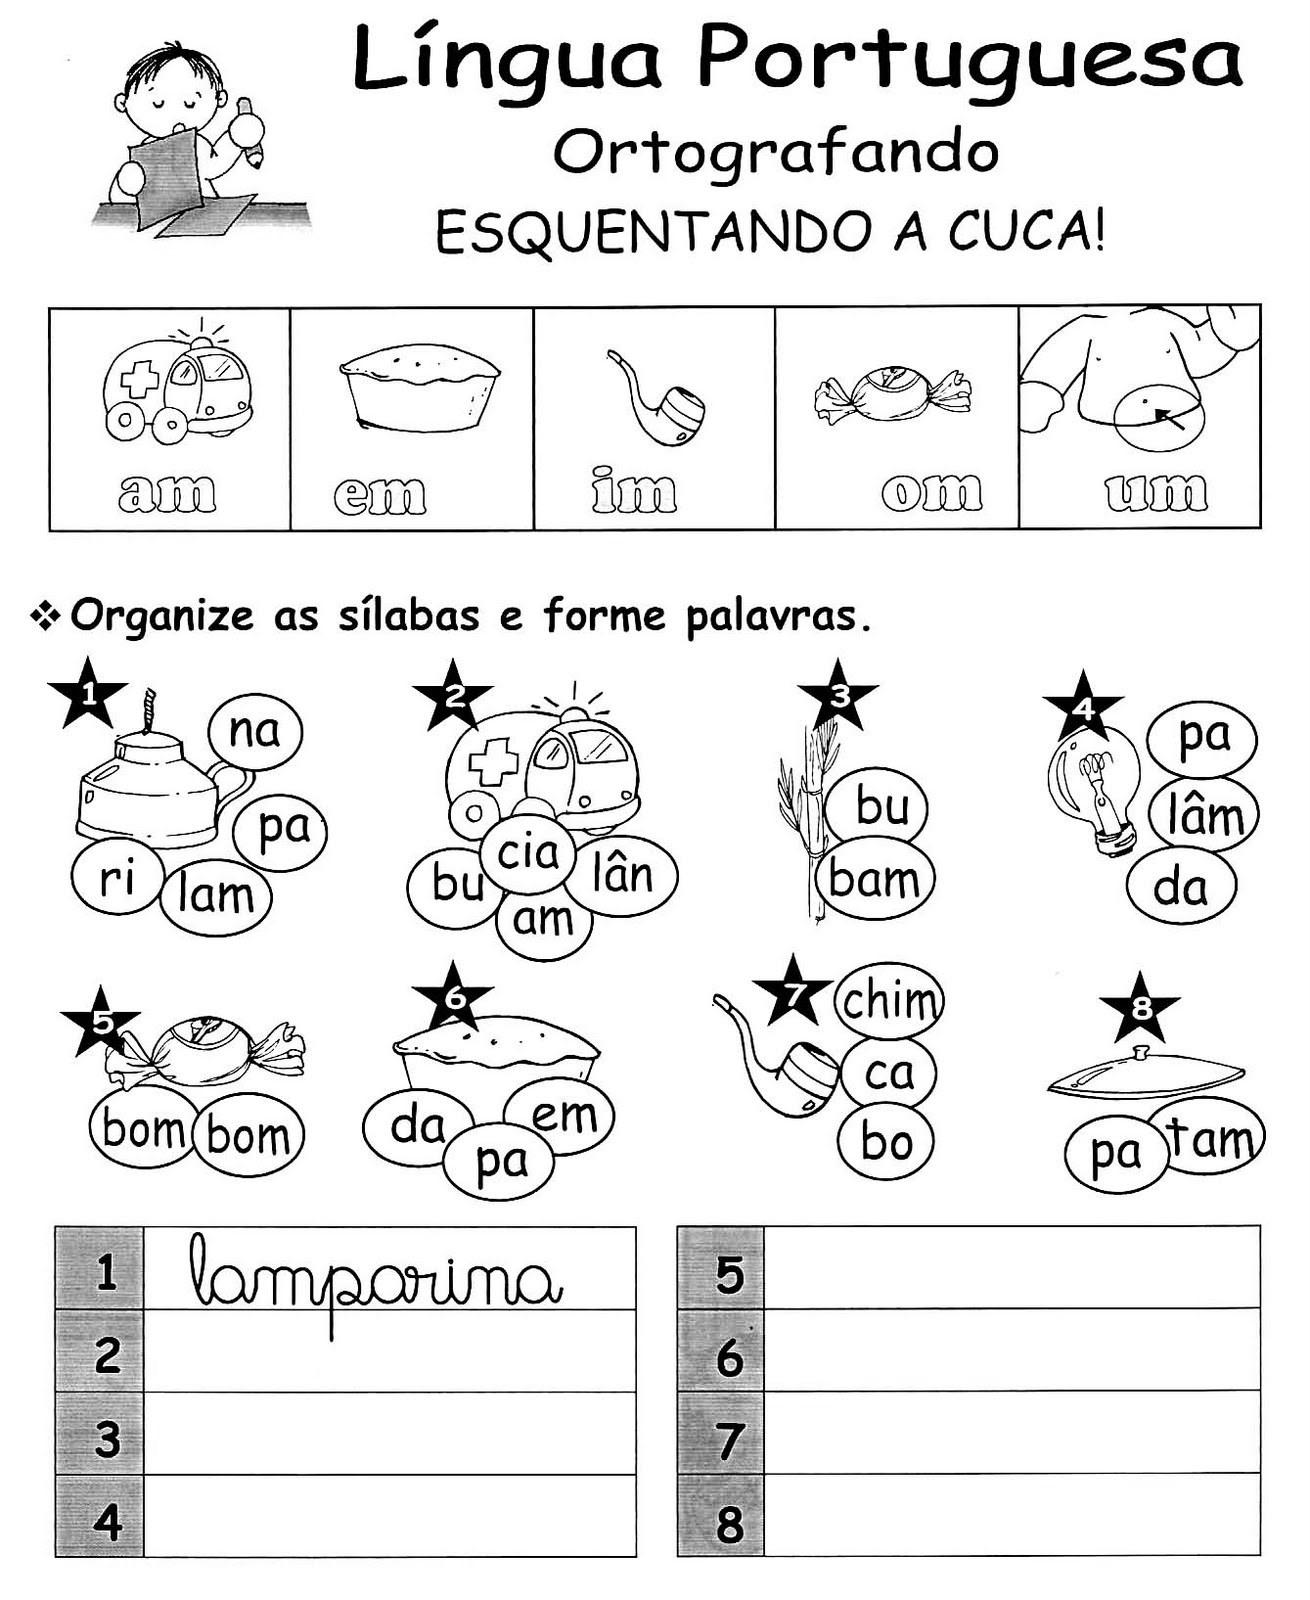 Ceape Ferramentas Da Educacao Treino Ortografico